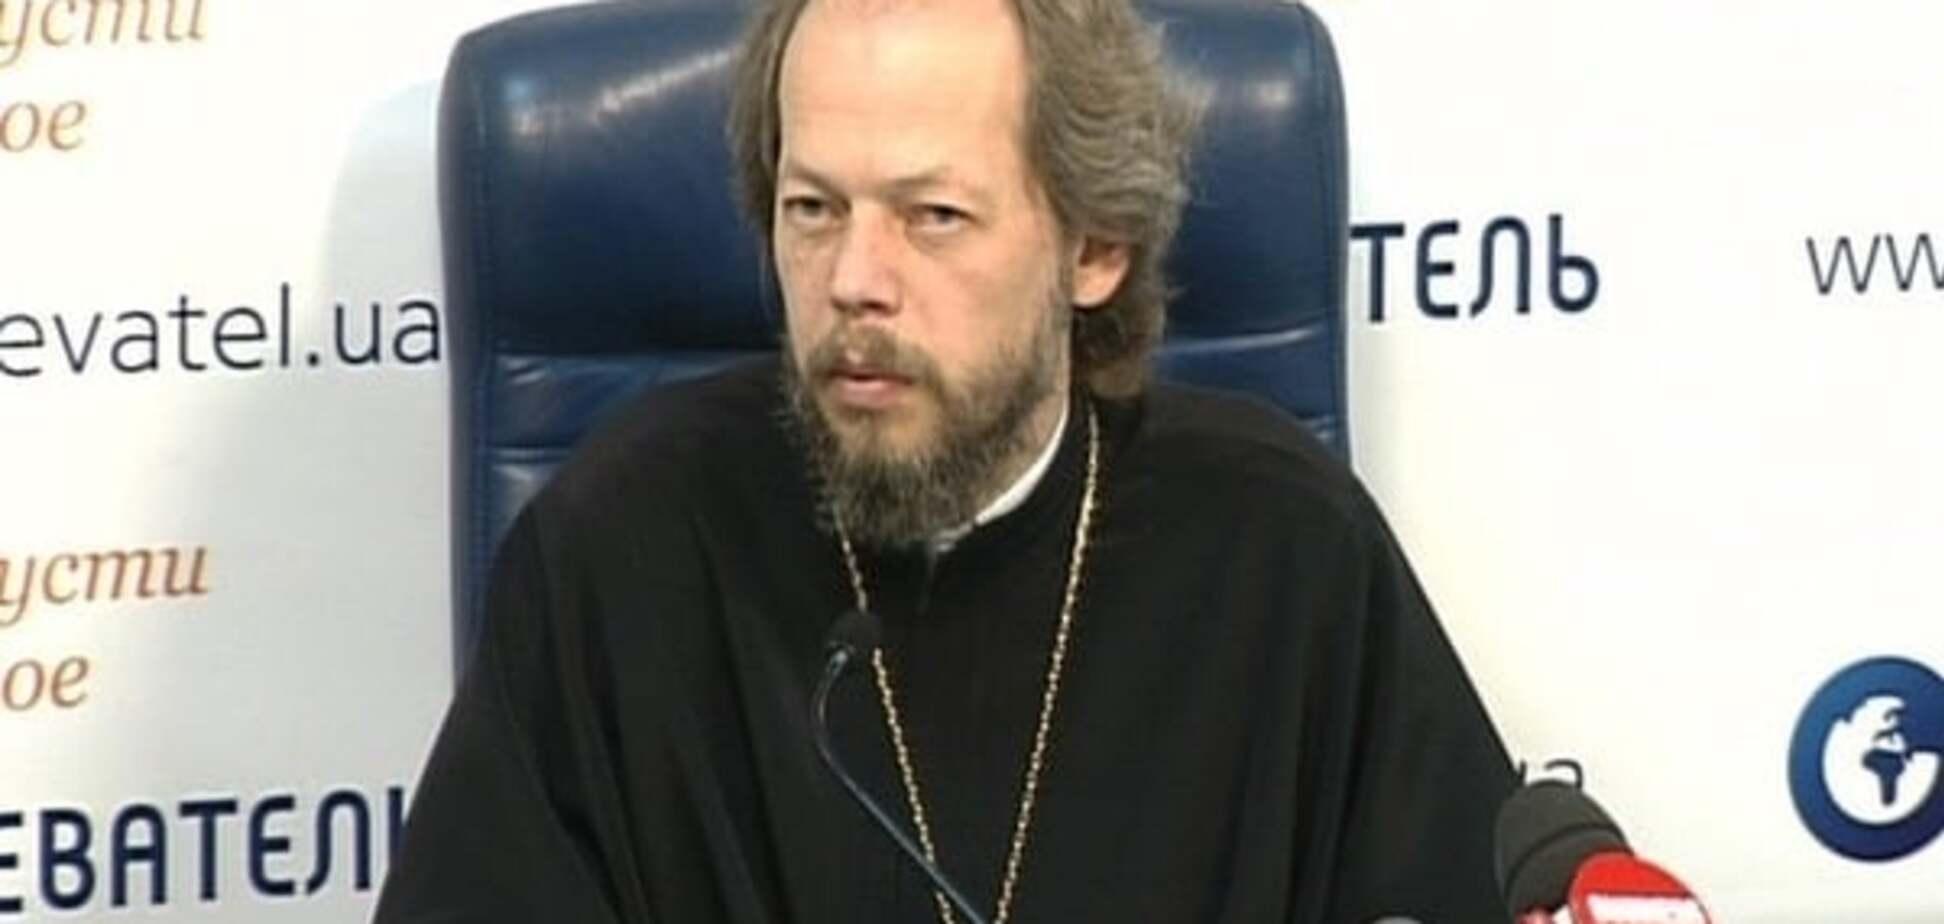 Піст і Новий рік: Георгій Коваленко розповів, як християнину поєднати перше і друге